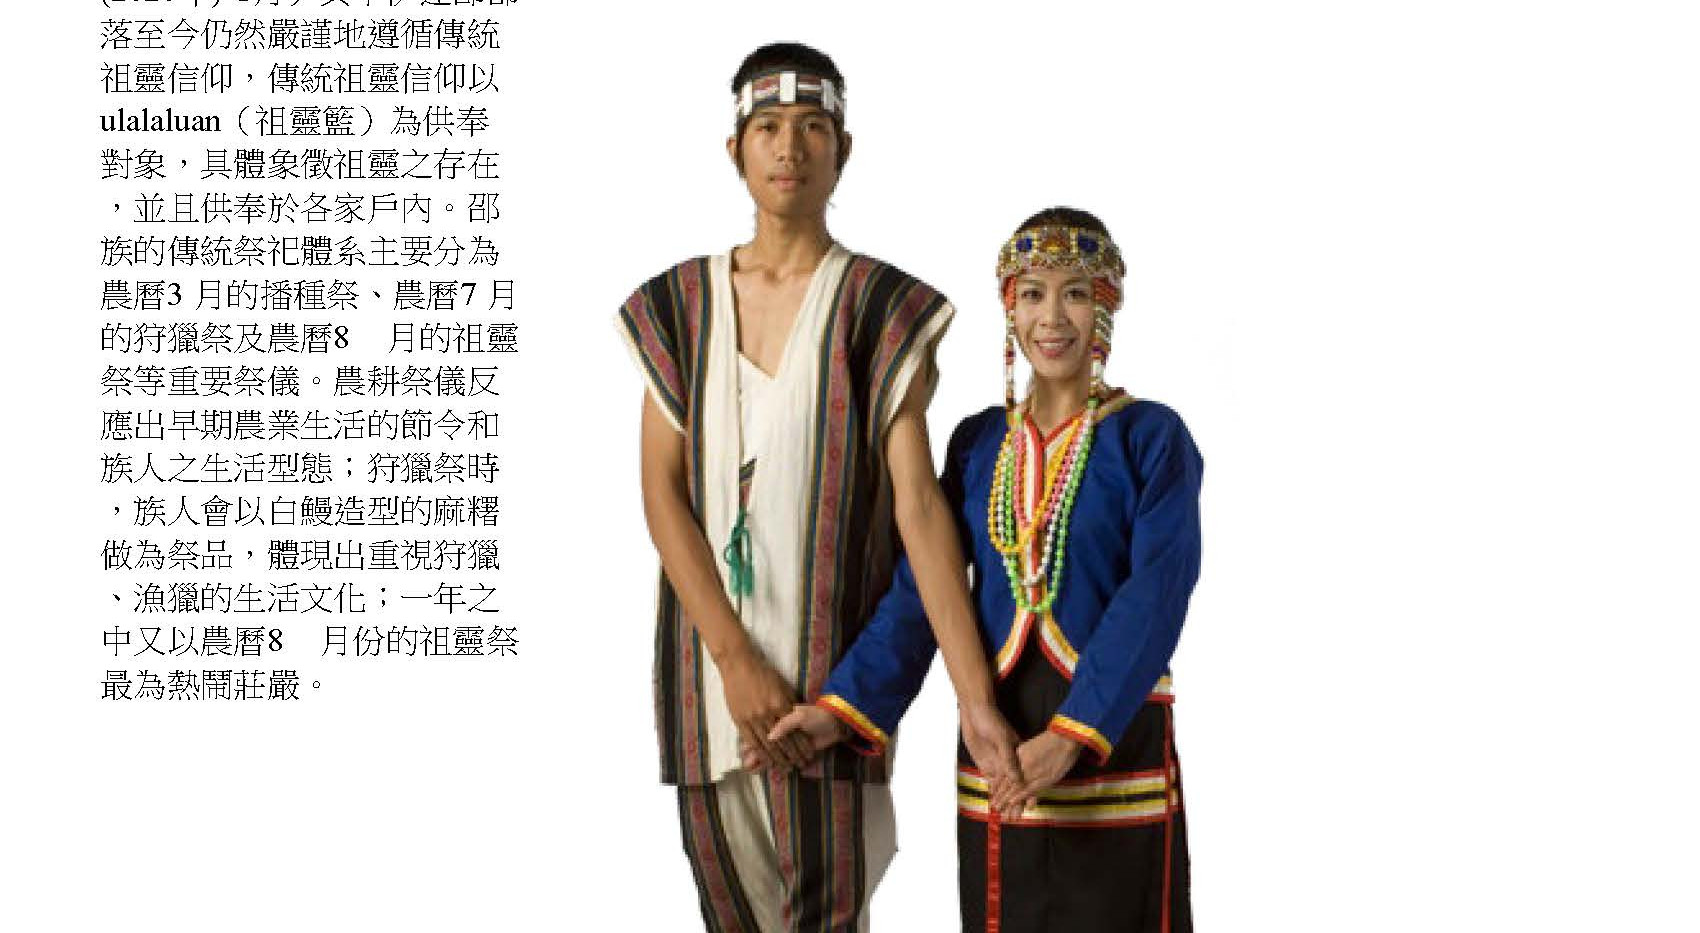 Aboriginal People of Taiwan_Page_10.jpg